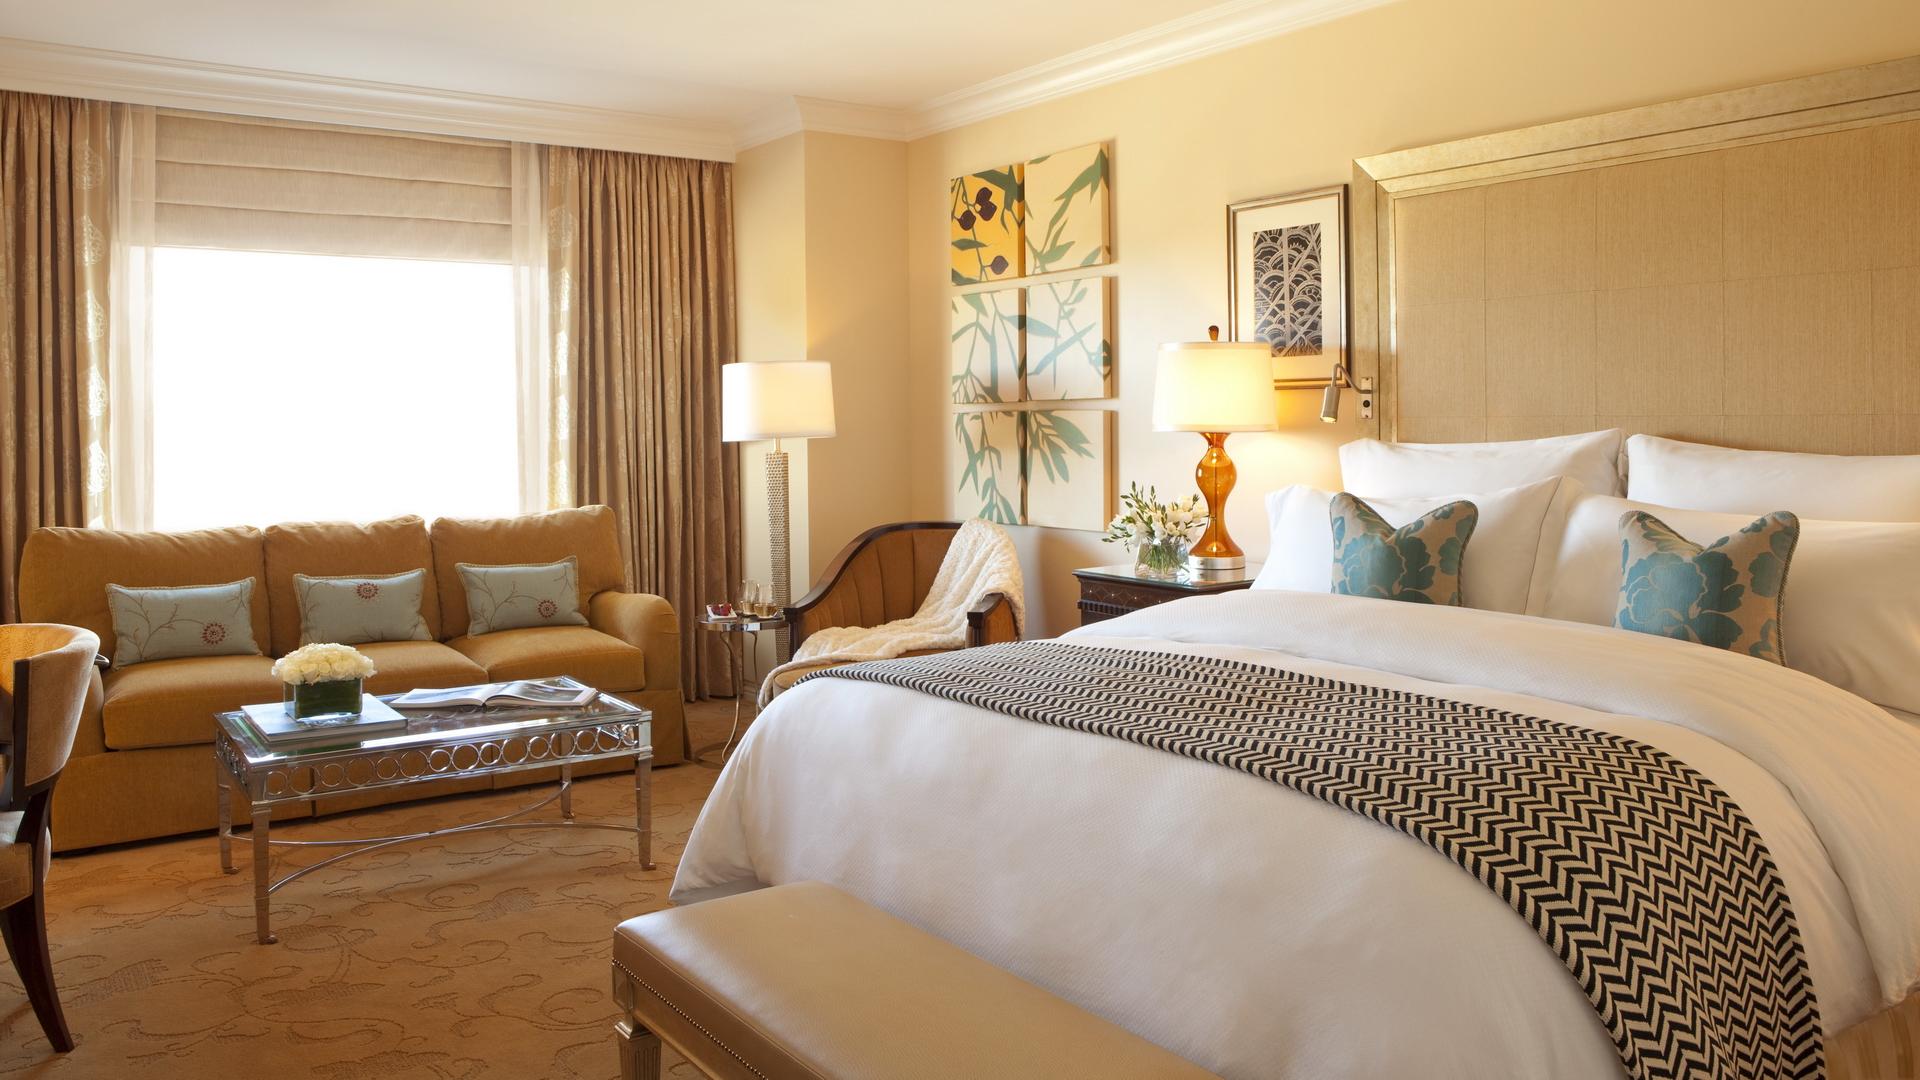 Спальня с кроватью и диваном